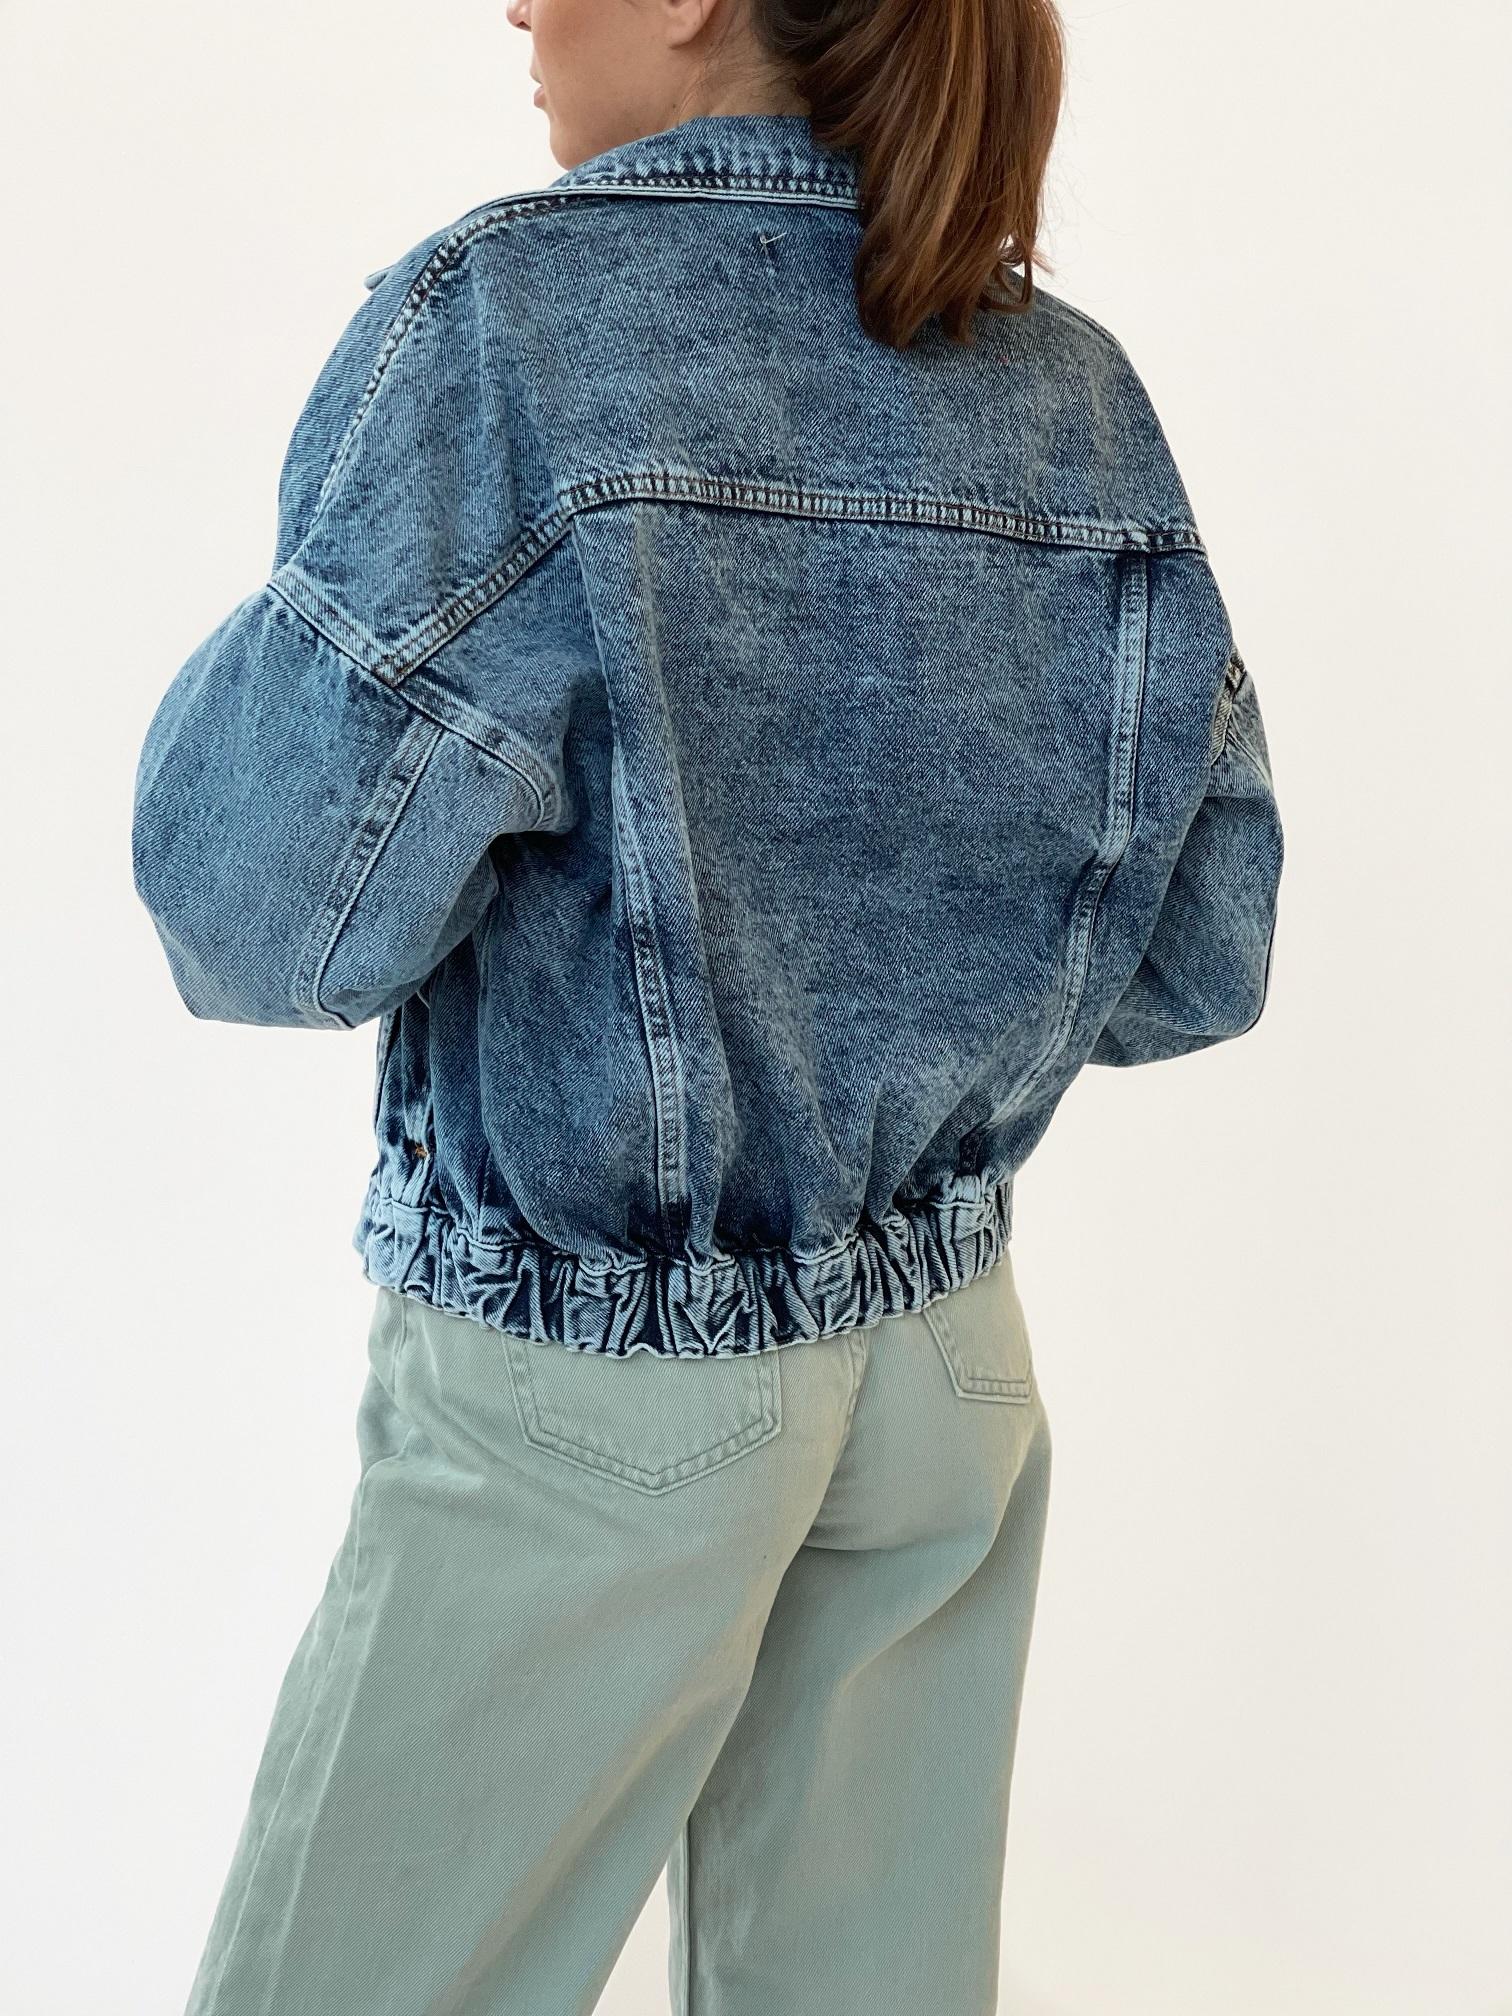 Джинсовая куртка, UNO, 6443 (небесный)